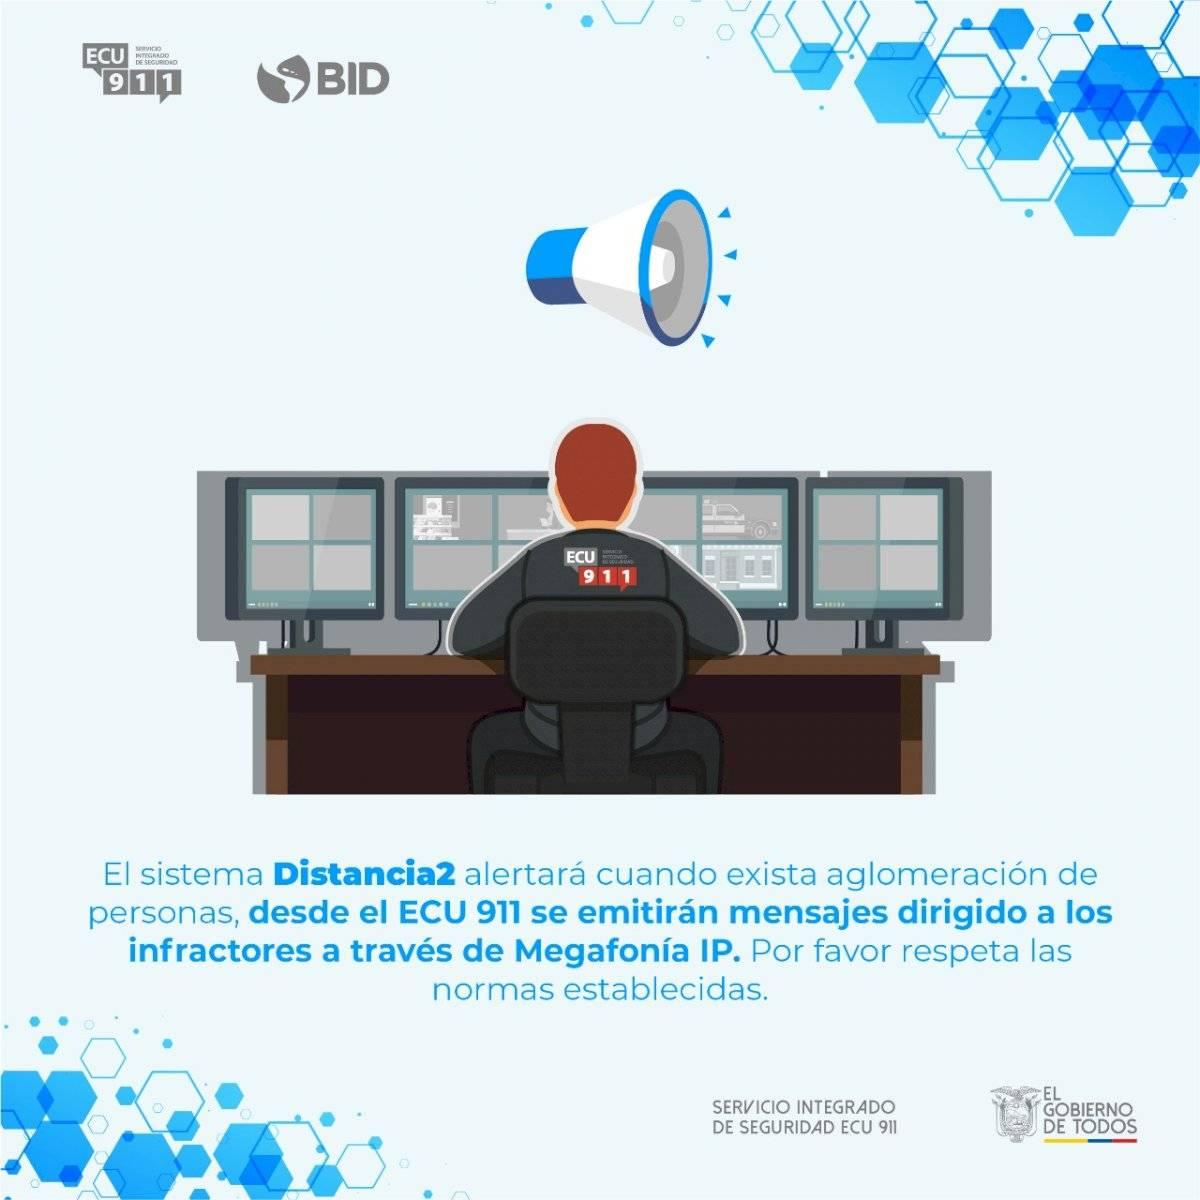 cámaras del ECU 911 miden el distanciamiento físico y generan alertas